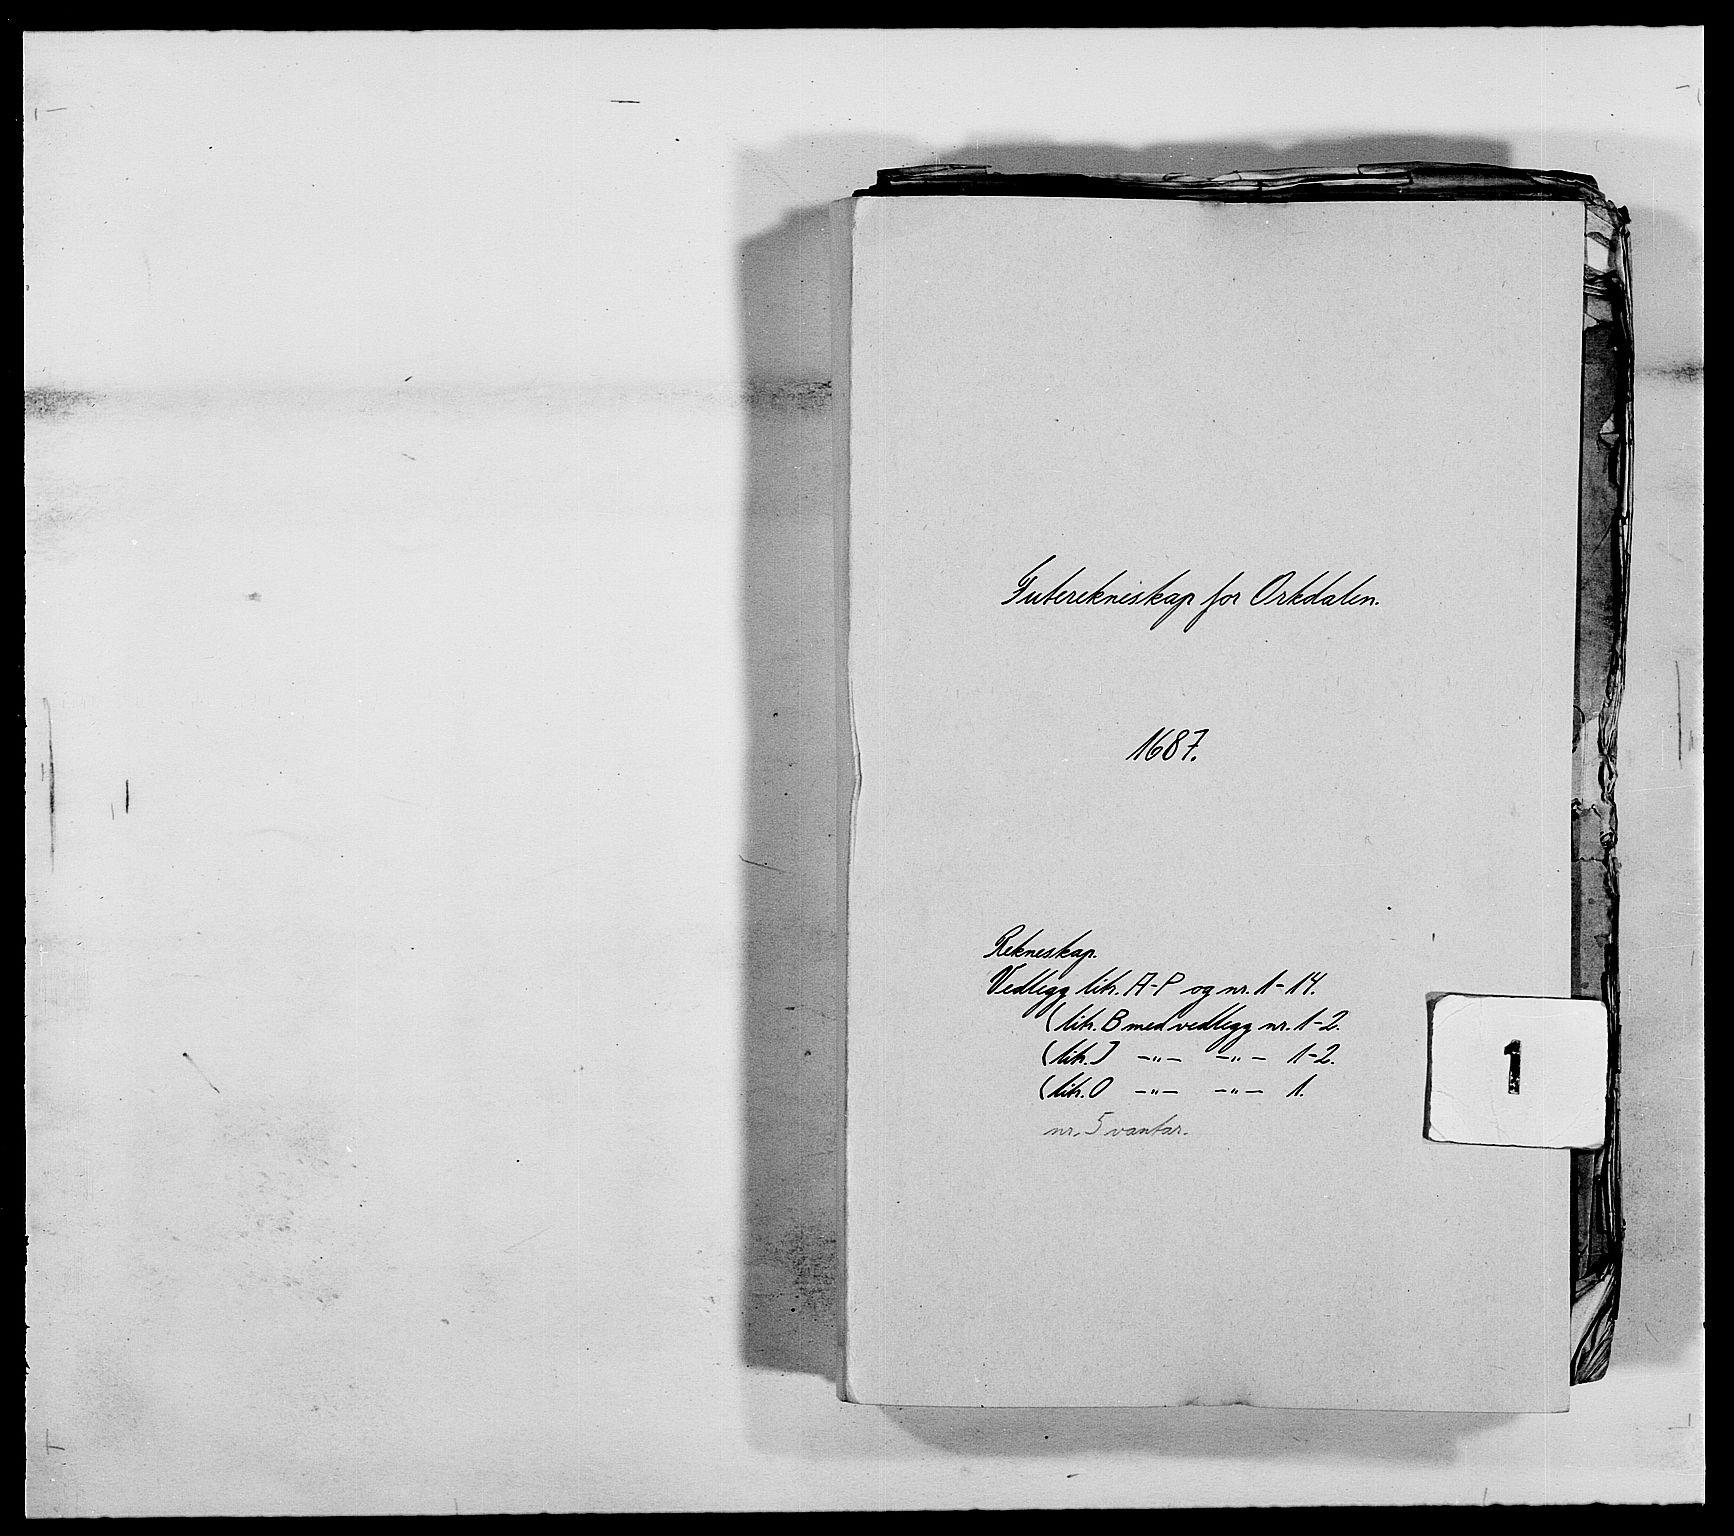 RA, Rentekammeret inntil 1814, Reviderte regnskaper, Fogderegnskap, R58/L3935: Fogderegnskap Orkdal, 1687-1688, s. 1